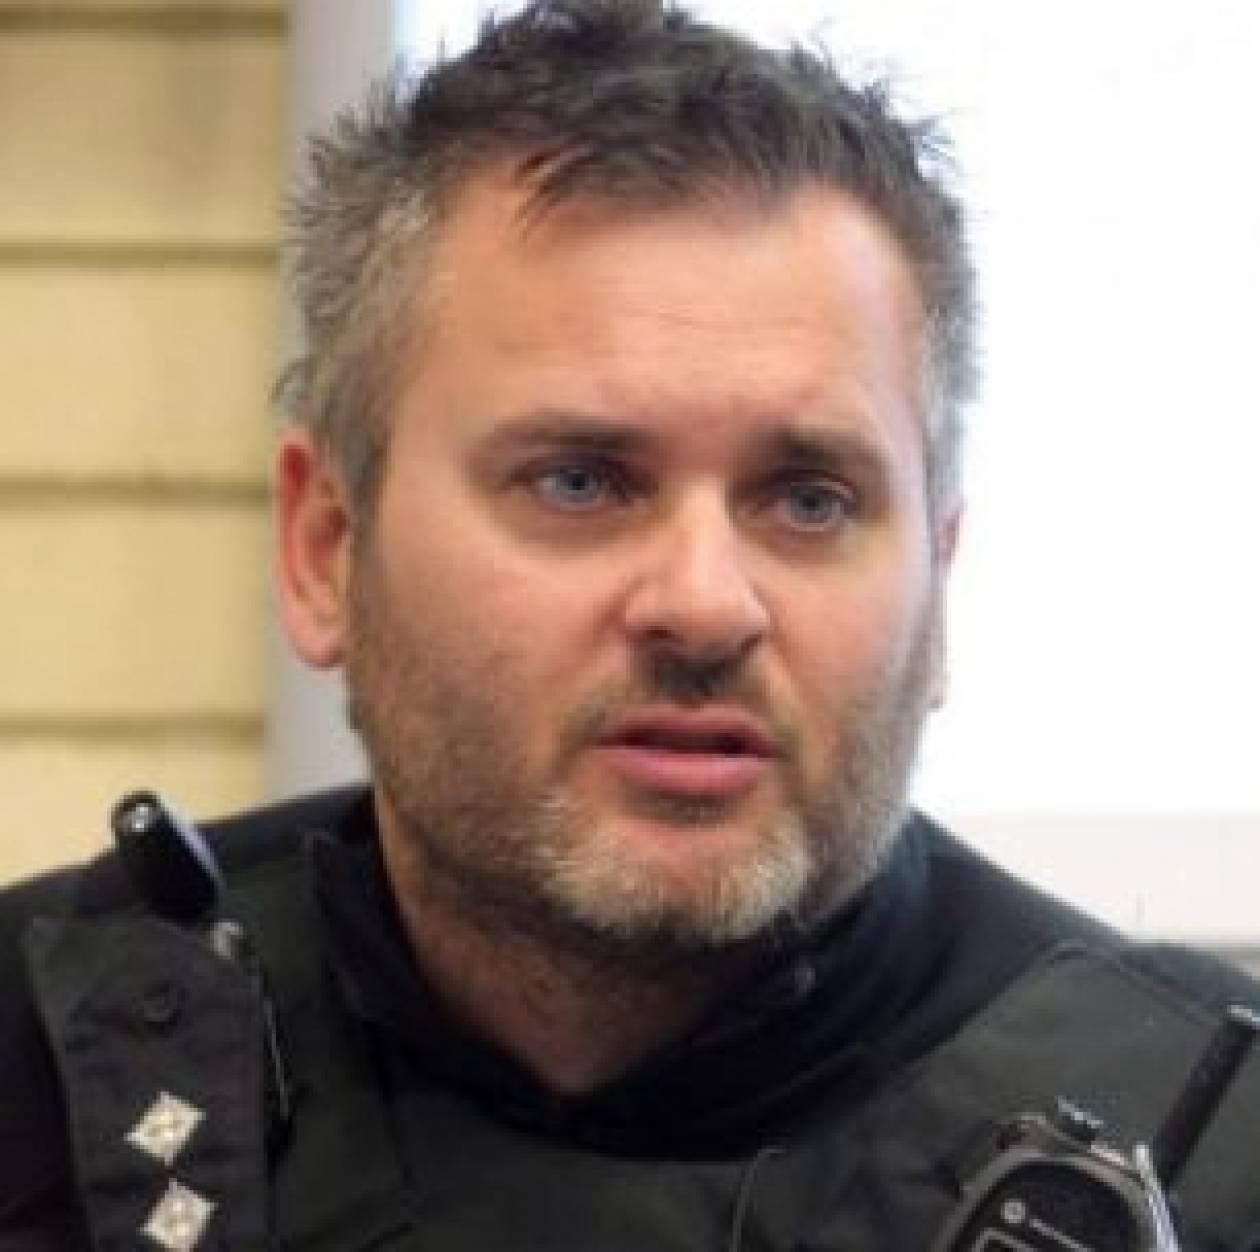 ΣΟΚ: Επιθεωρητής της αστυνομίας ανέβασε ροζ φωτογραφία στο Facebook